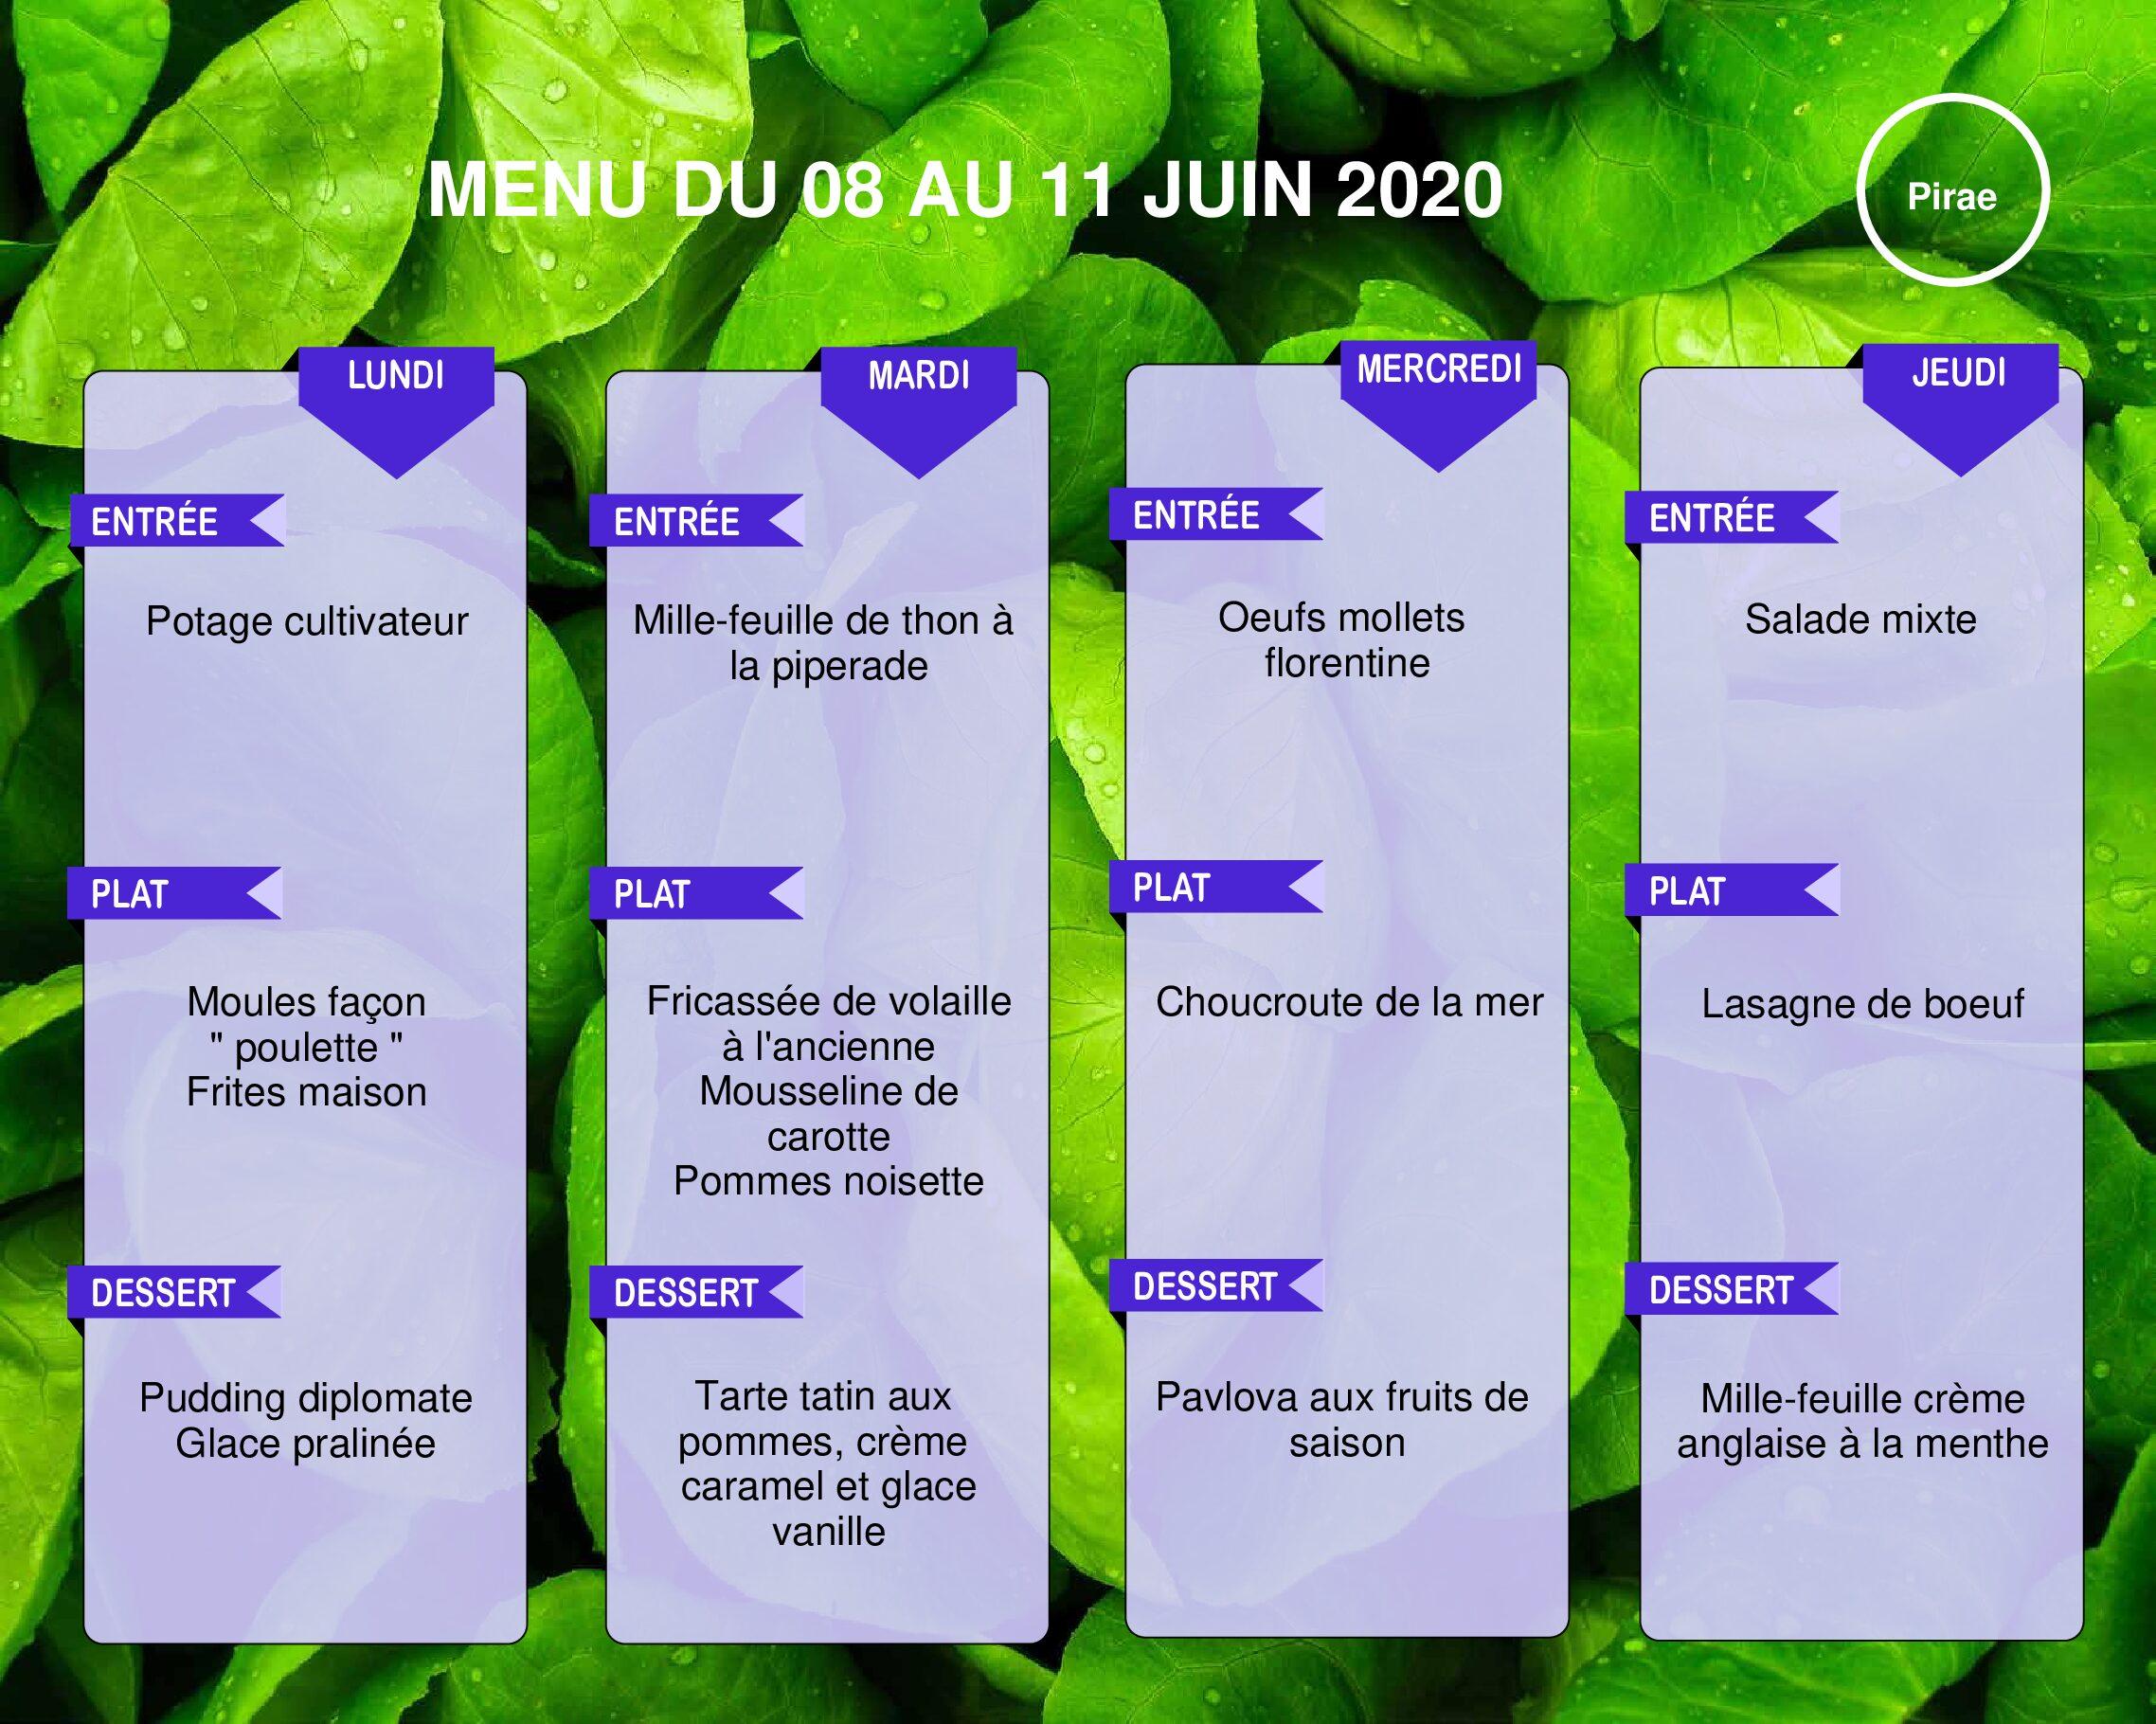 Menu du restaurant pédagogique de Pirae du 08 au 11 Juin 2020